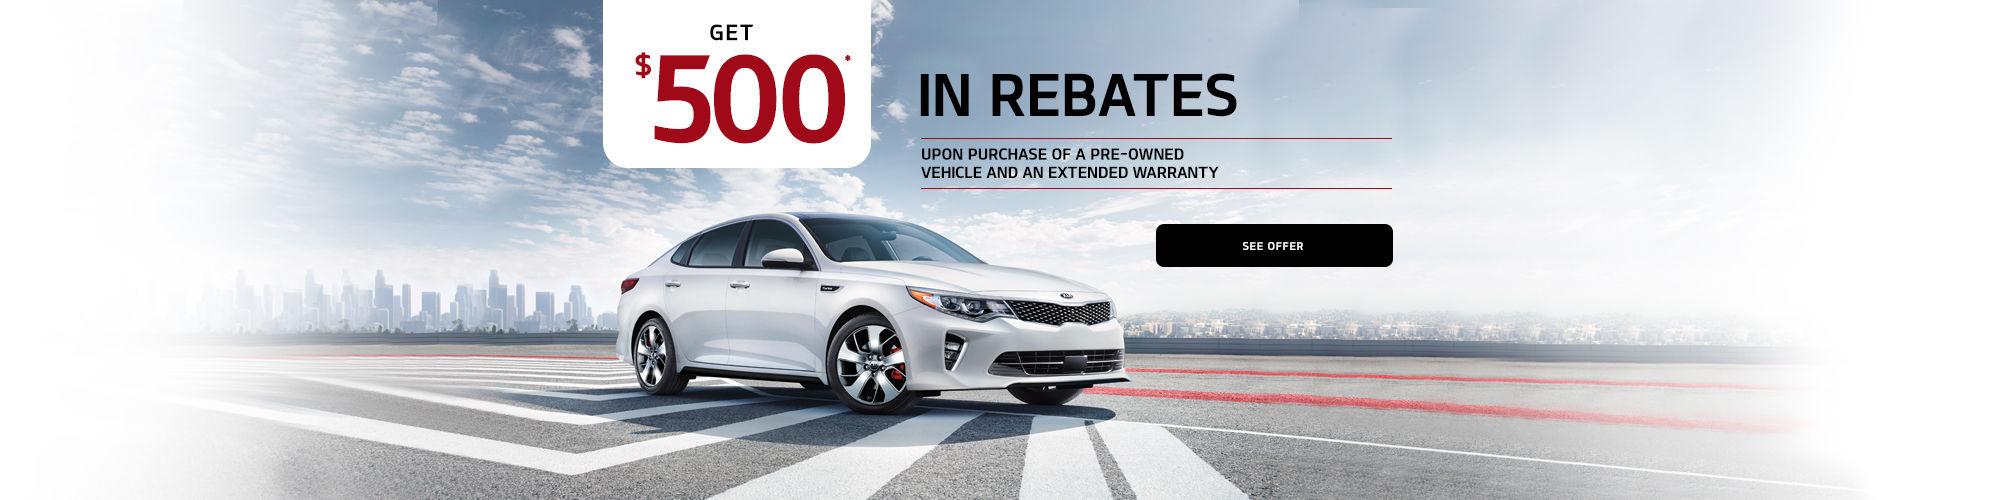 Kia $500 rebate on re-owned vehicles